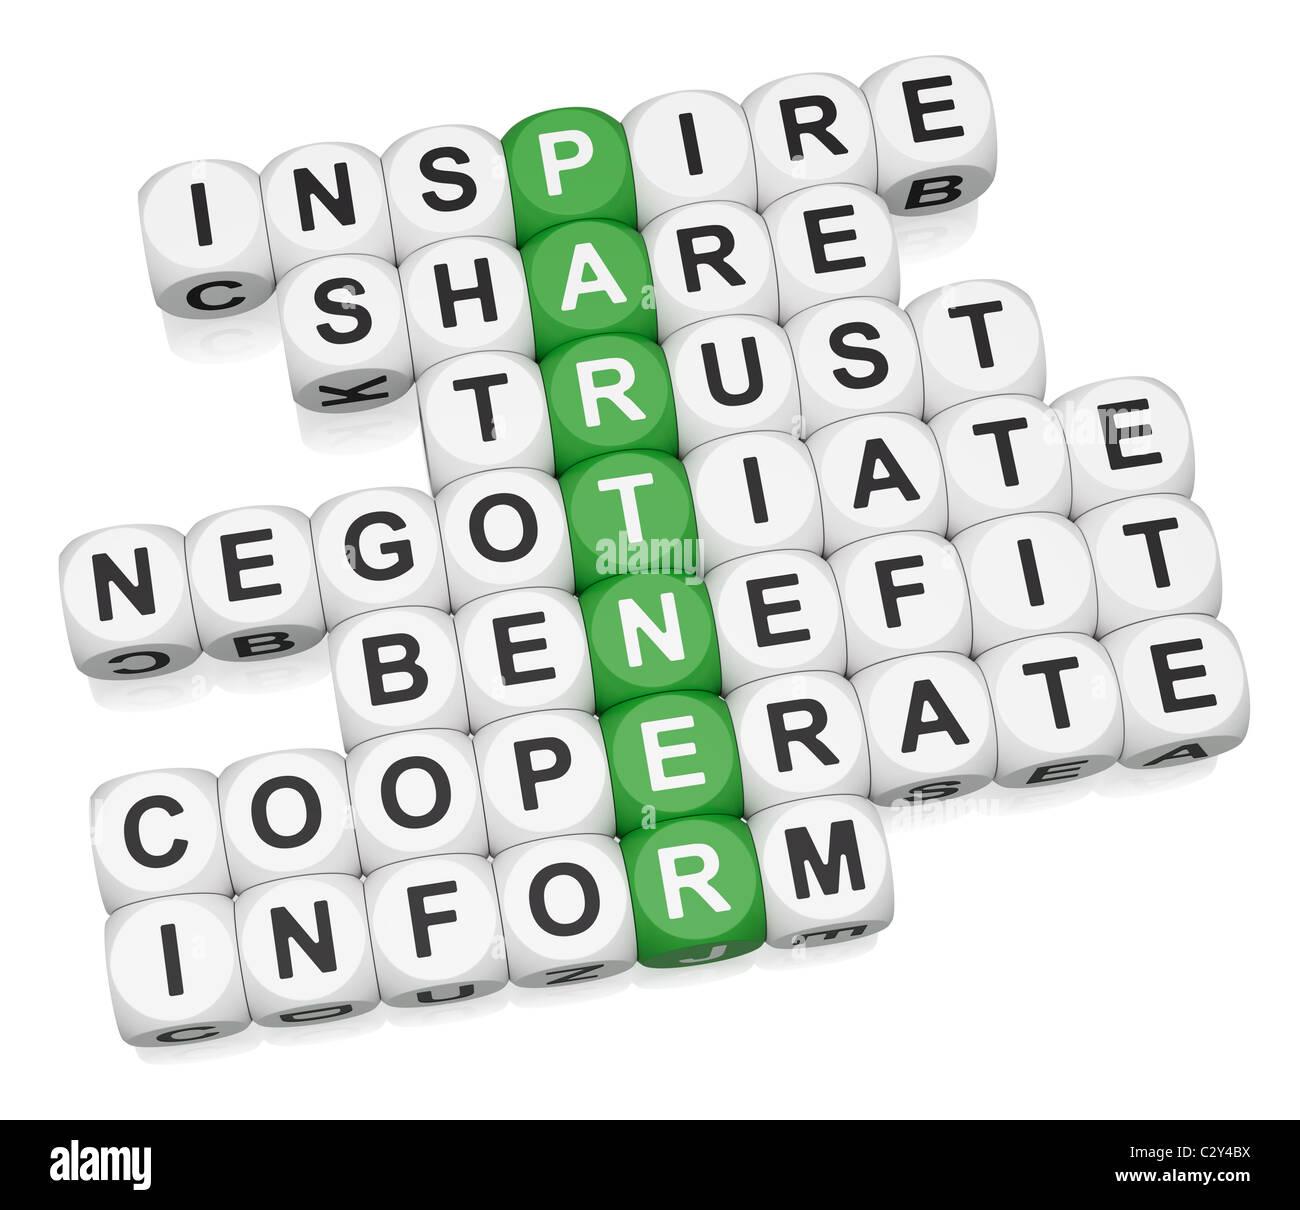 Partner relations crossword on white background - Stock Image